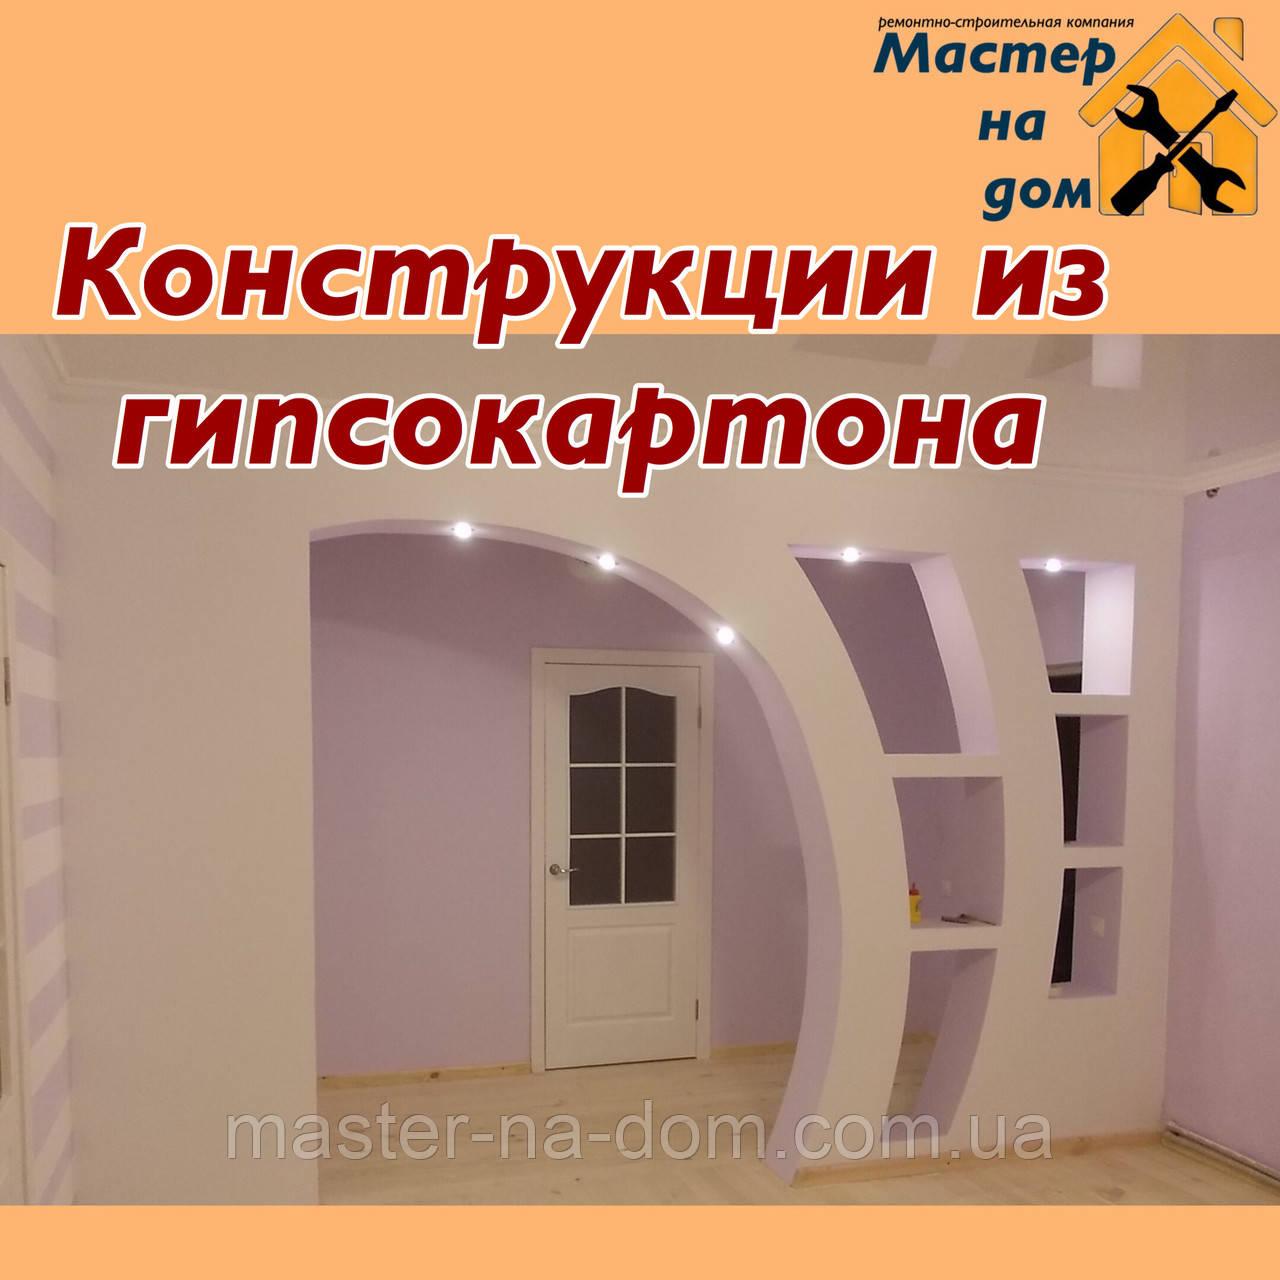 Конструкции из гипсокартона в Тернополе